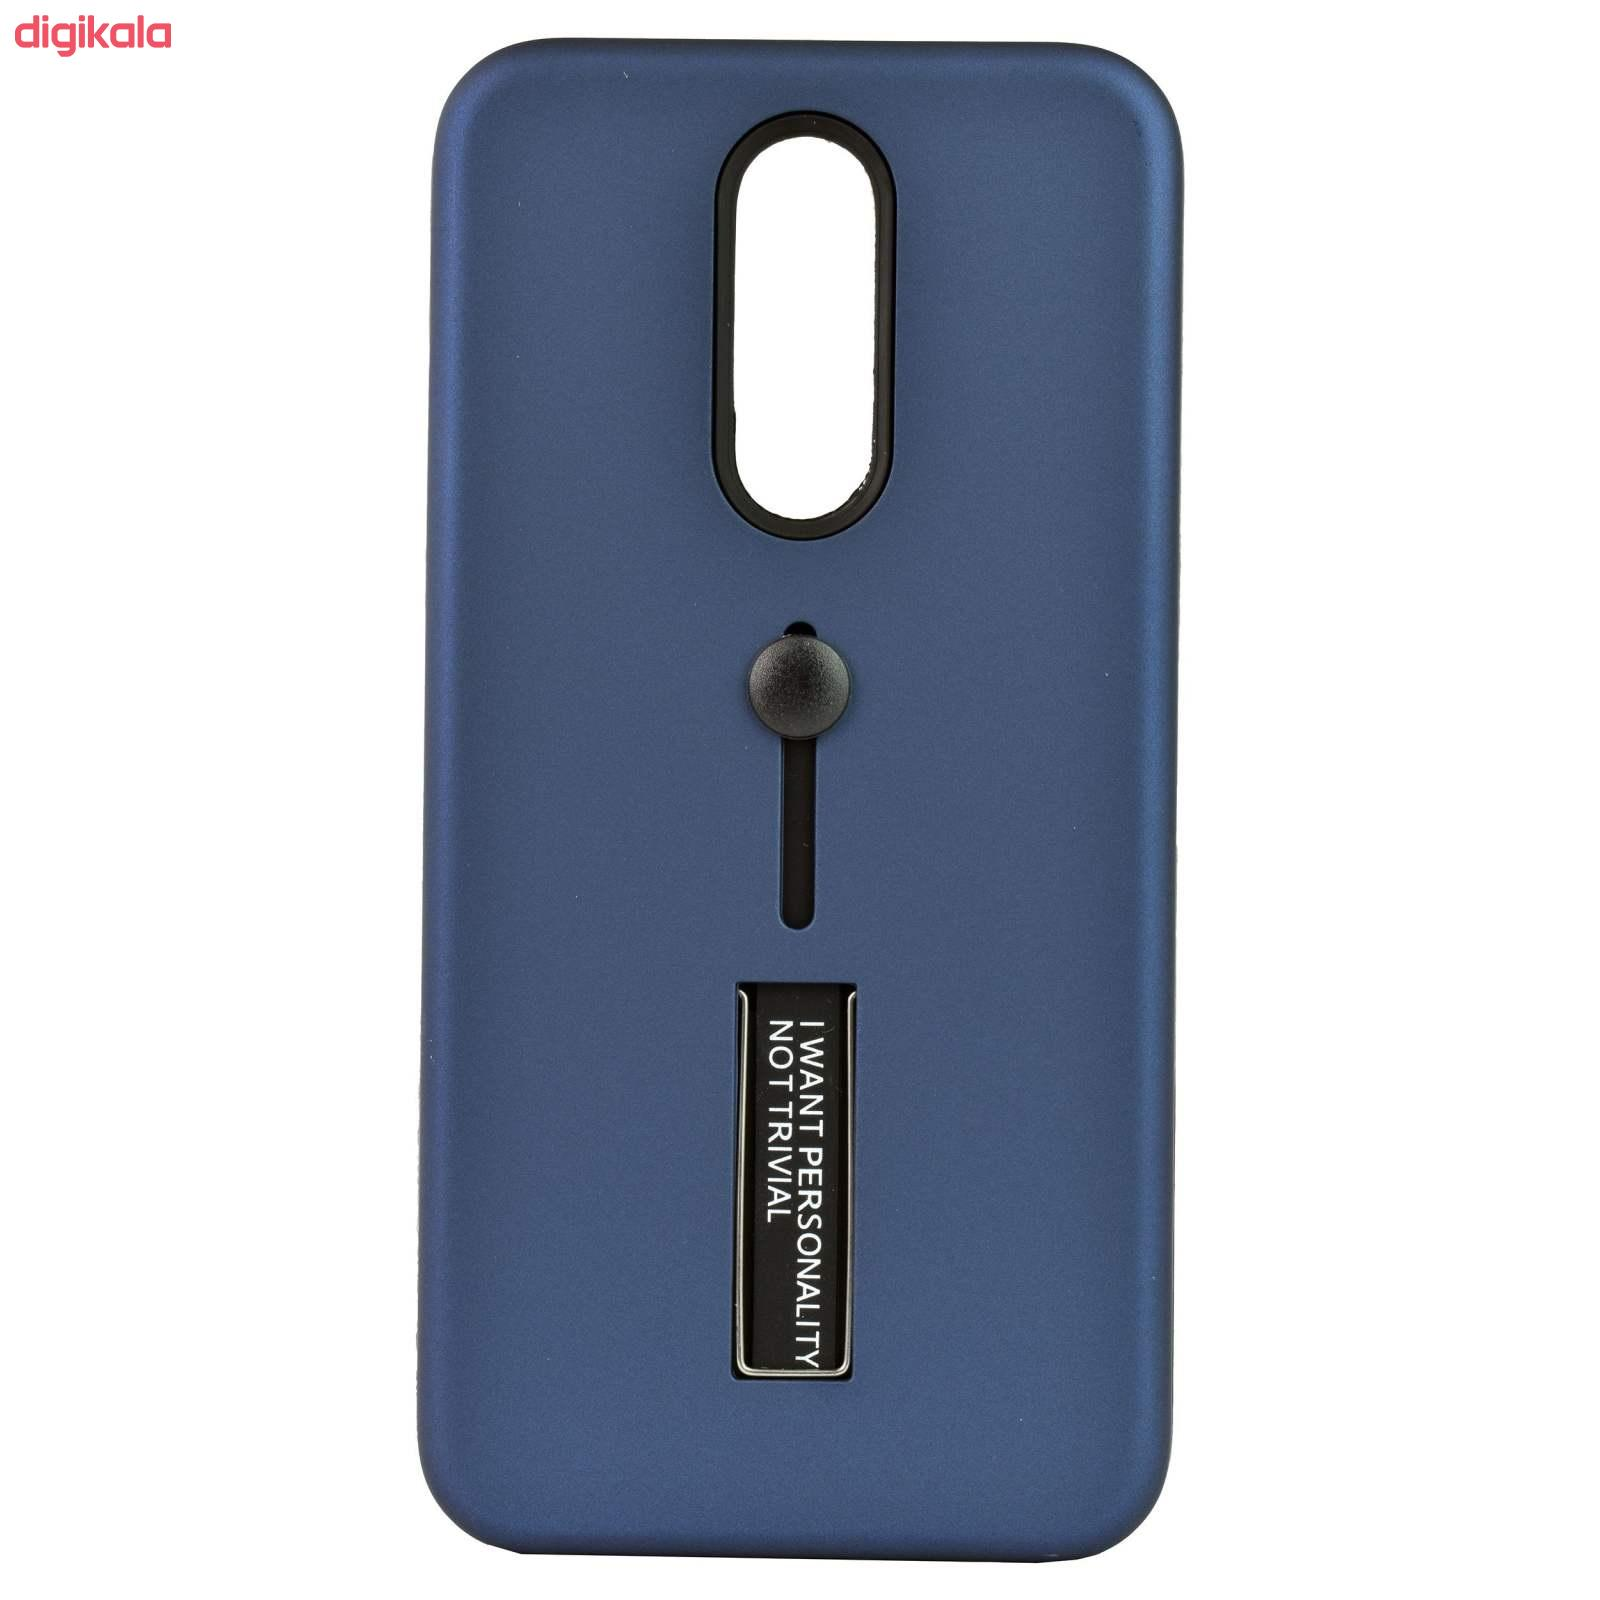 کاور مدل F20 مناسب برای گوشی موبایل شیائومی Redmi 8 main 1 2